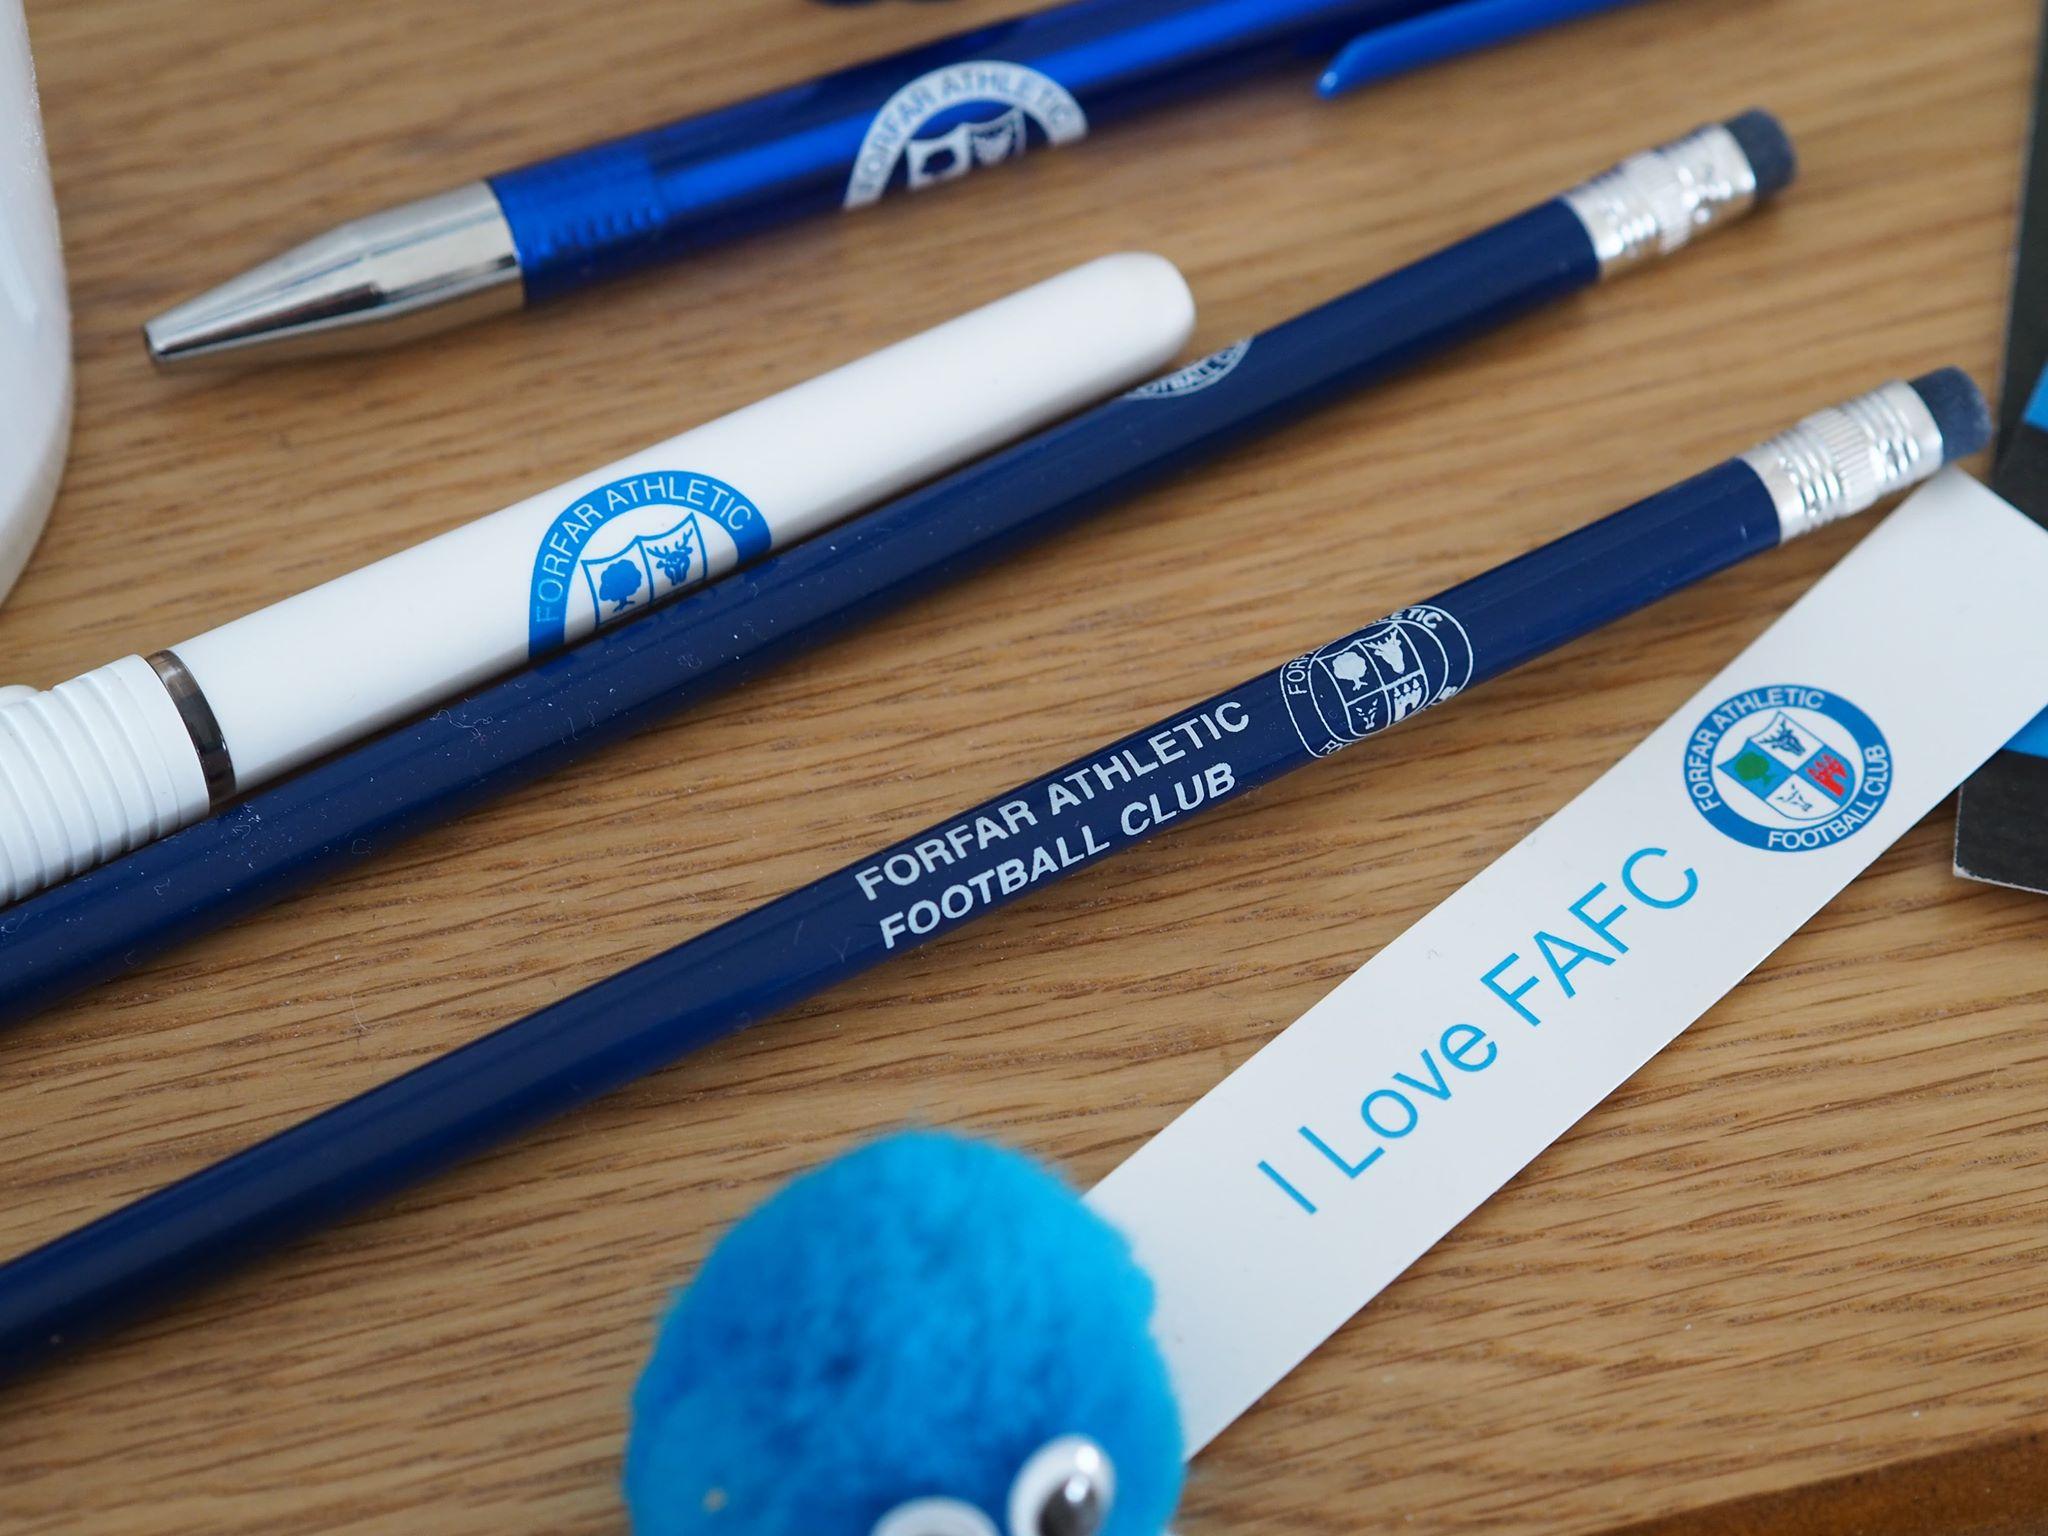 Pens / Pencils - Pen